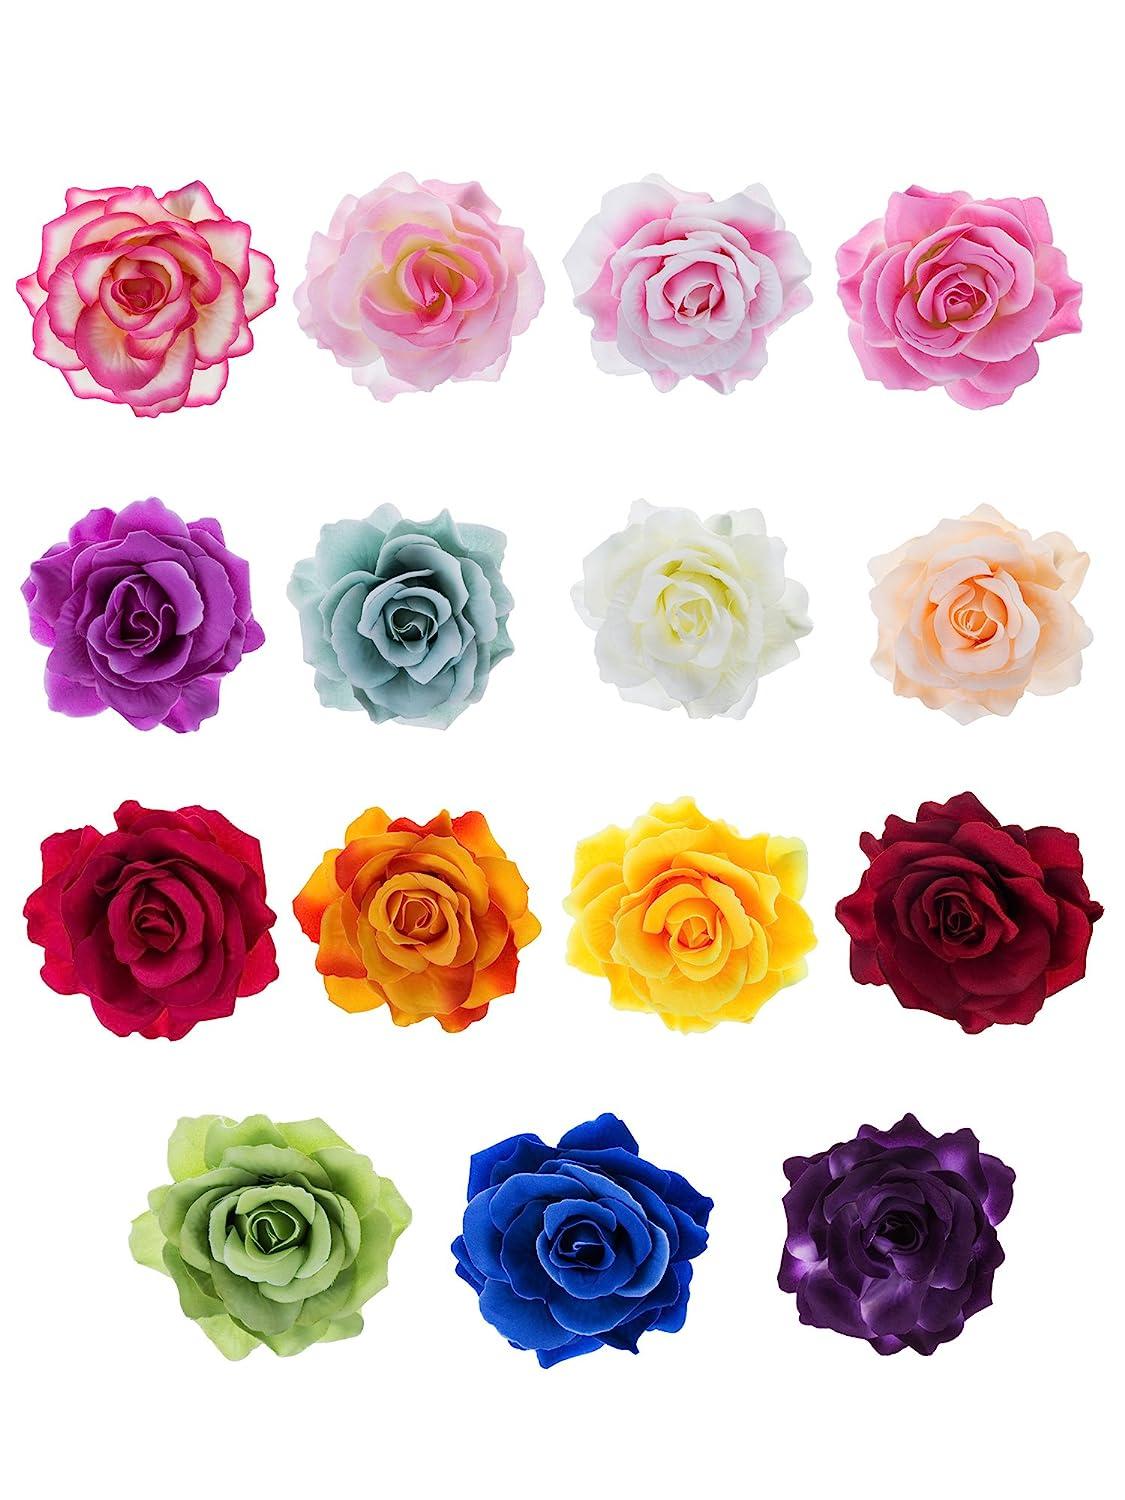 Flower Barrette Boho Flower Hair Clip Boho Flower Pin Flower Hair Clip Hair Flower Flower Hair Pin Flower Pin Flower Broach